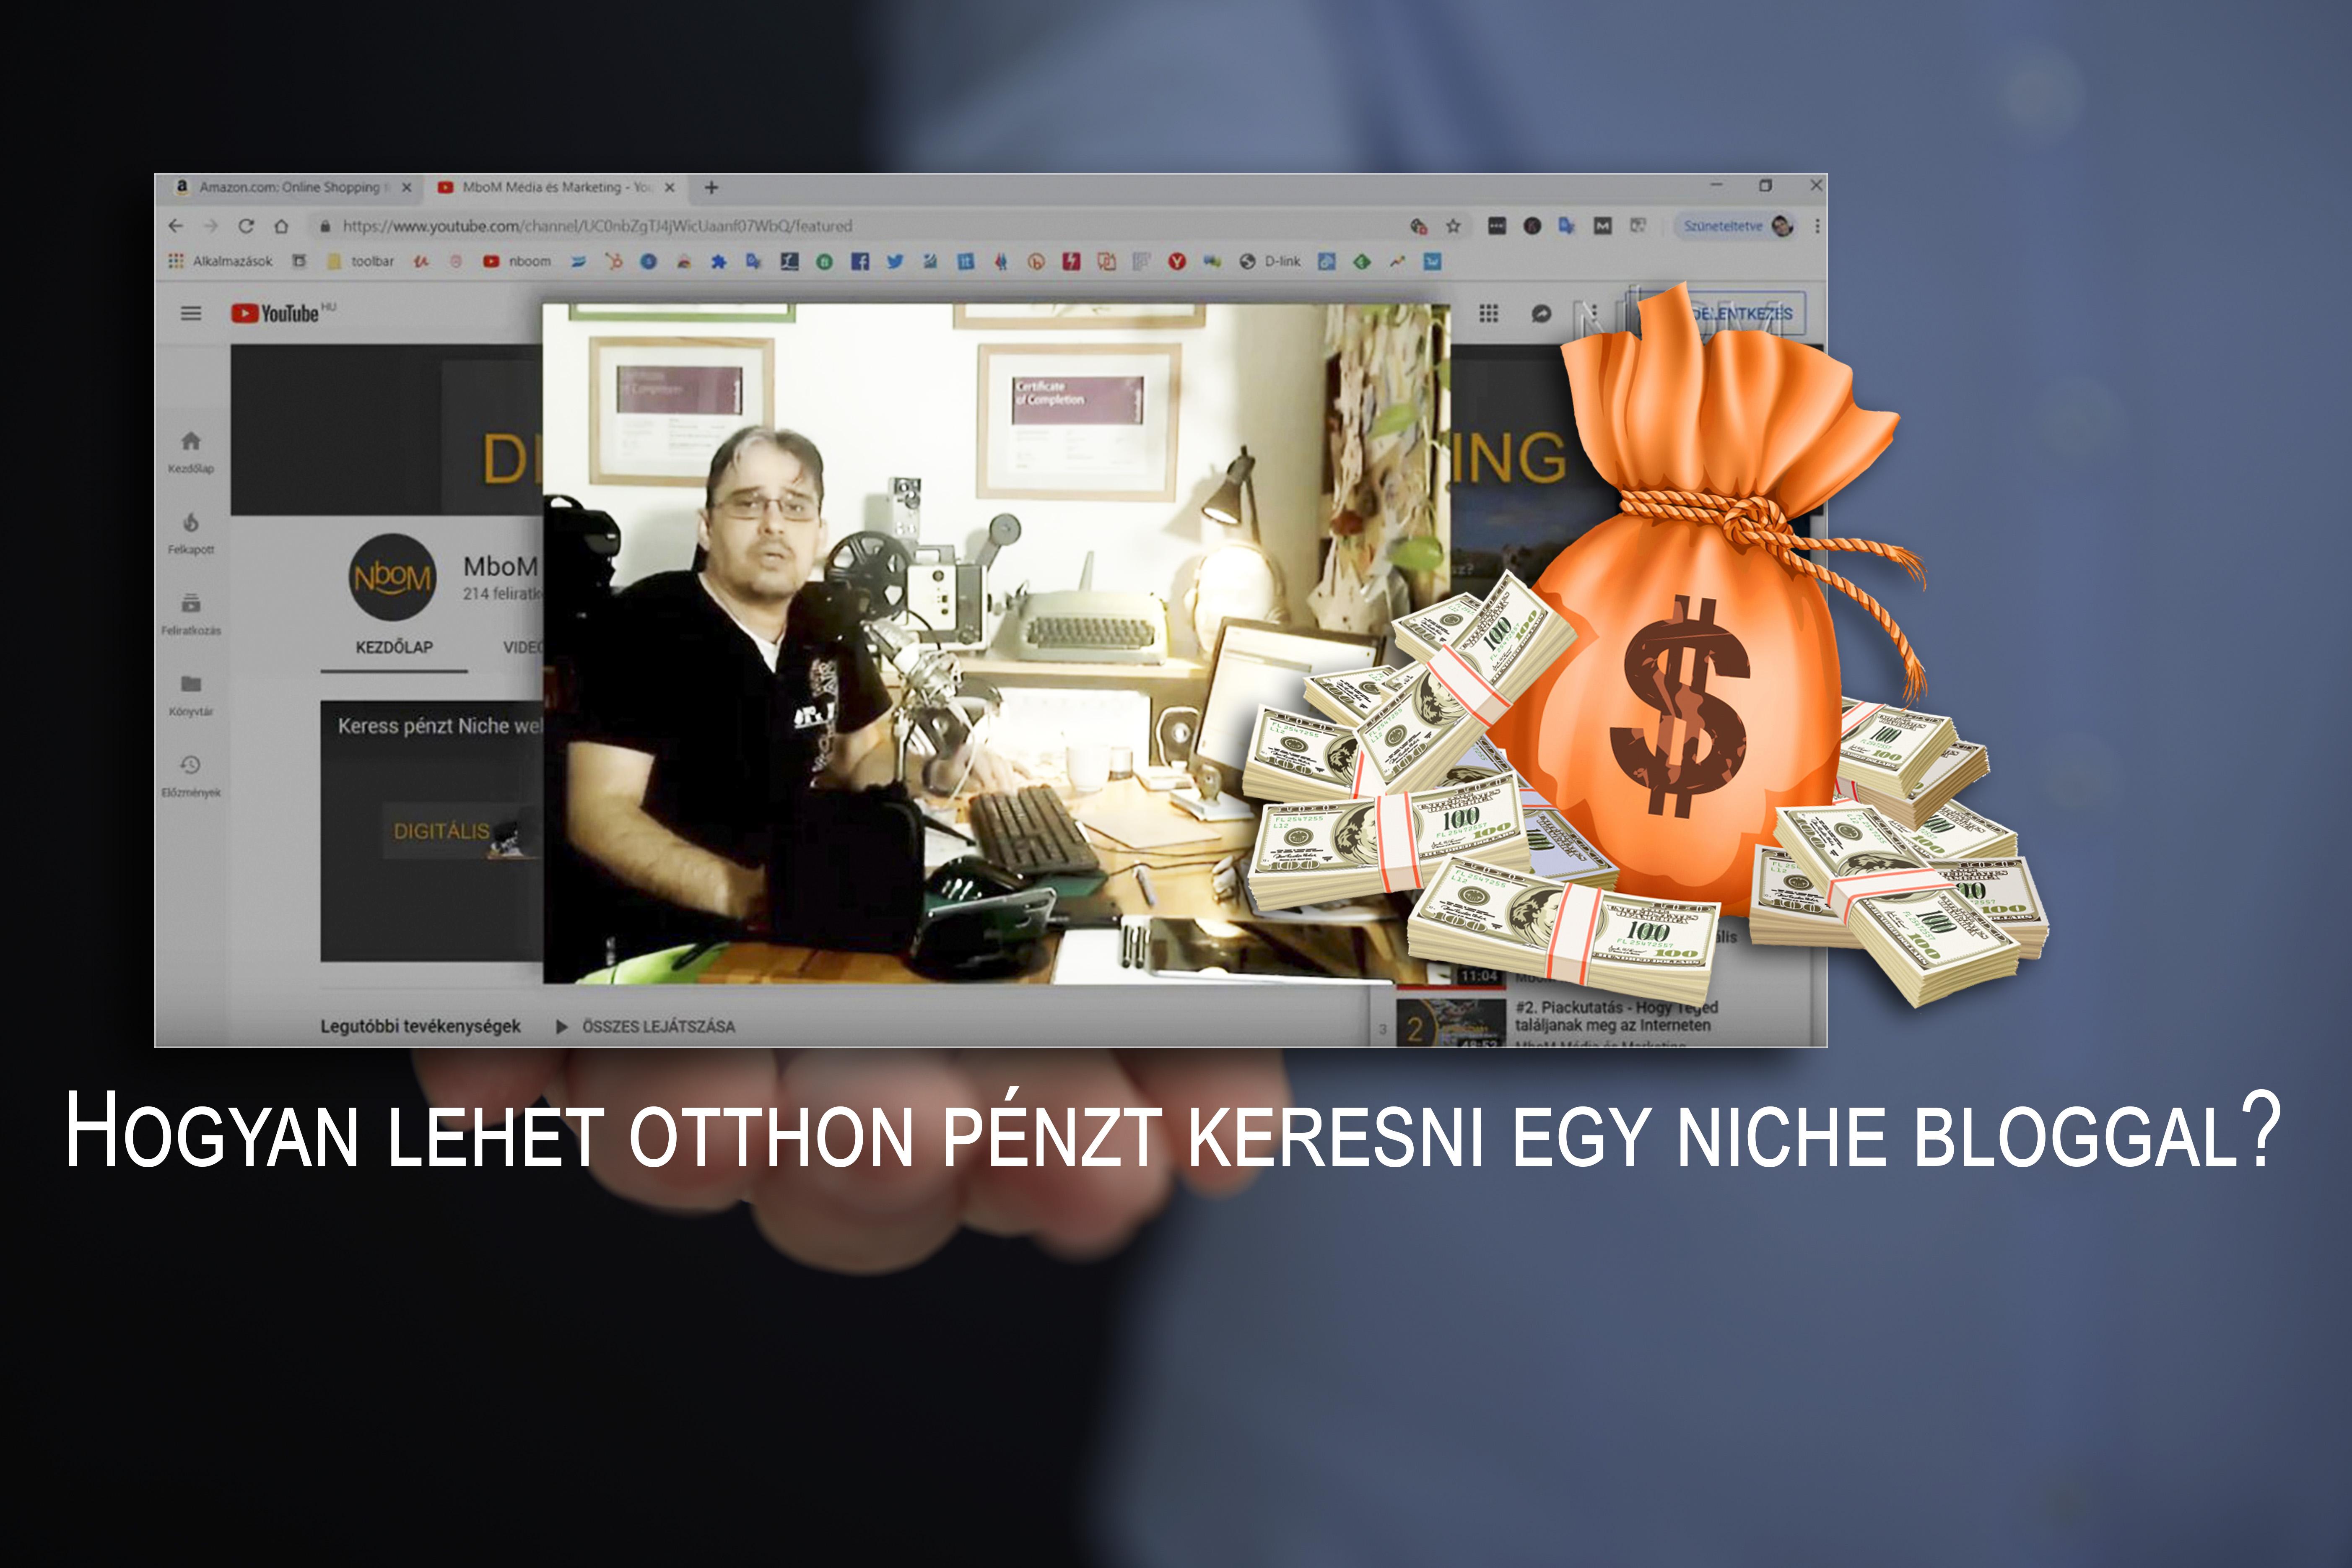 video tárhely, ahol pénzt lehet keresni